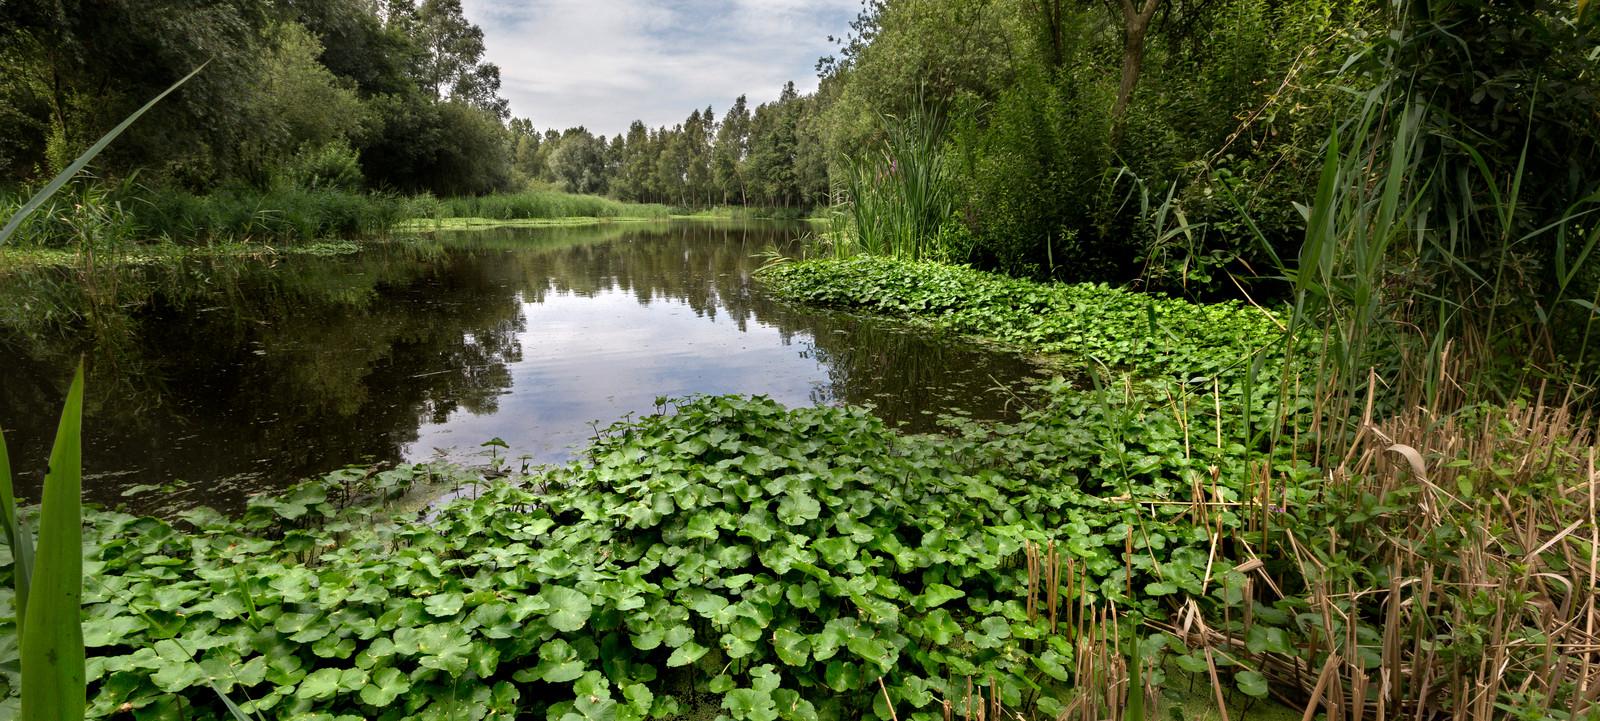 Bestrijden van waternavel is lastig, omdat stekjes in de oevers blijven zitten. Verwijderen moet bij voorkeur handmatig gebeuren.